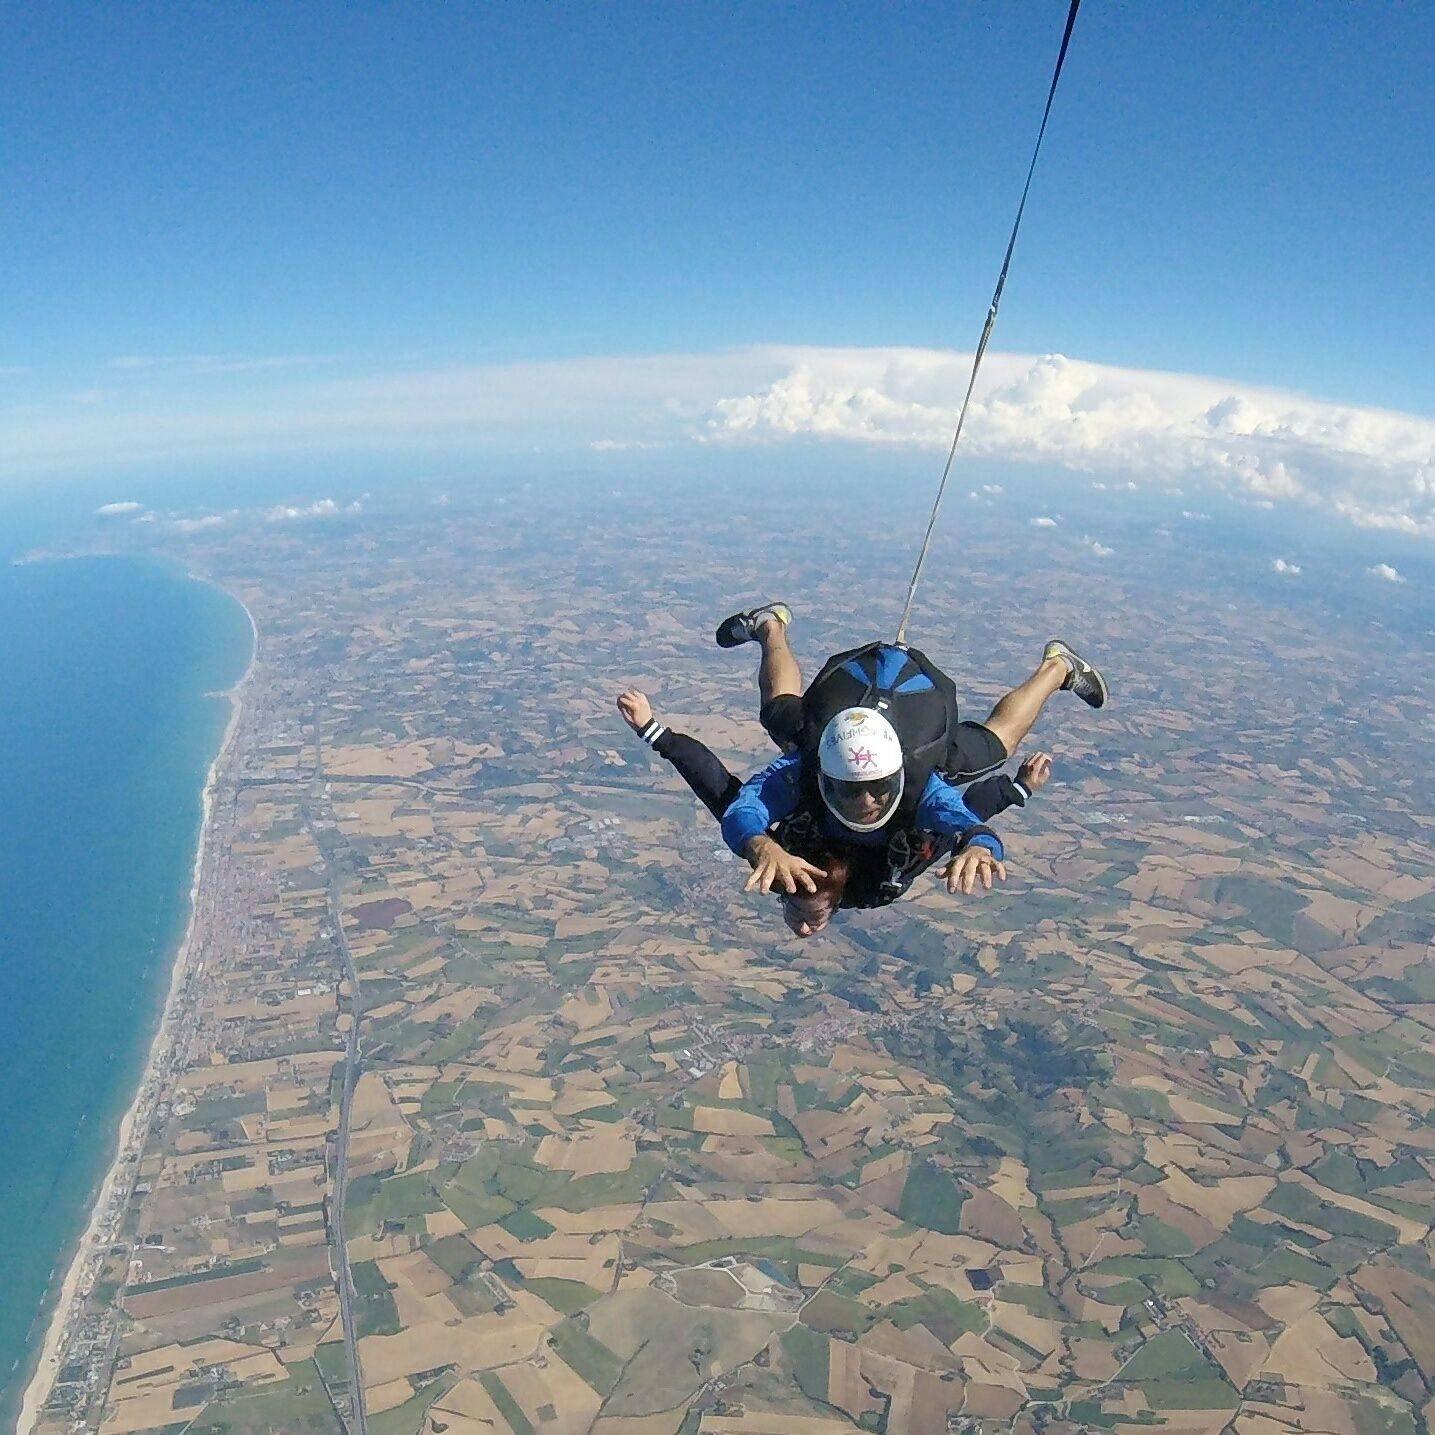 Il lancio da oltre 4.200 metri col paracadute di Giorgia.